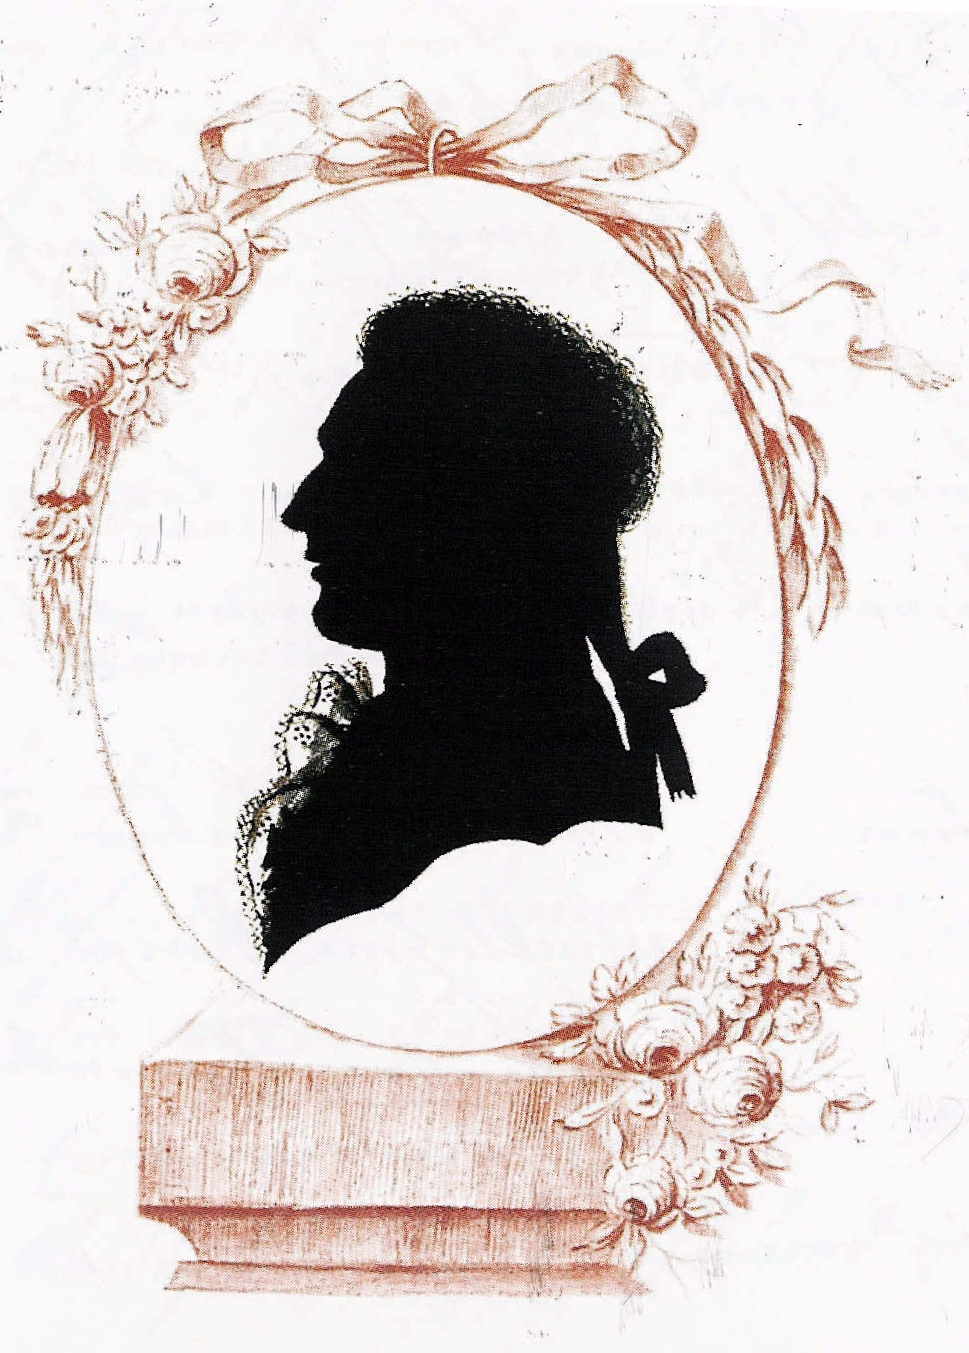 Drawn profile silhouette Wikipedia  Silhouette